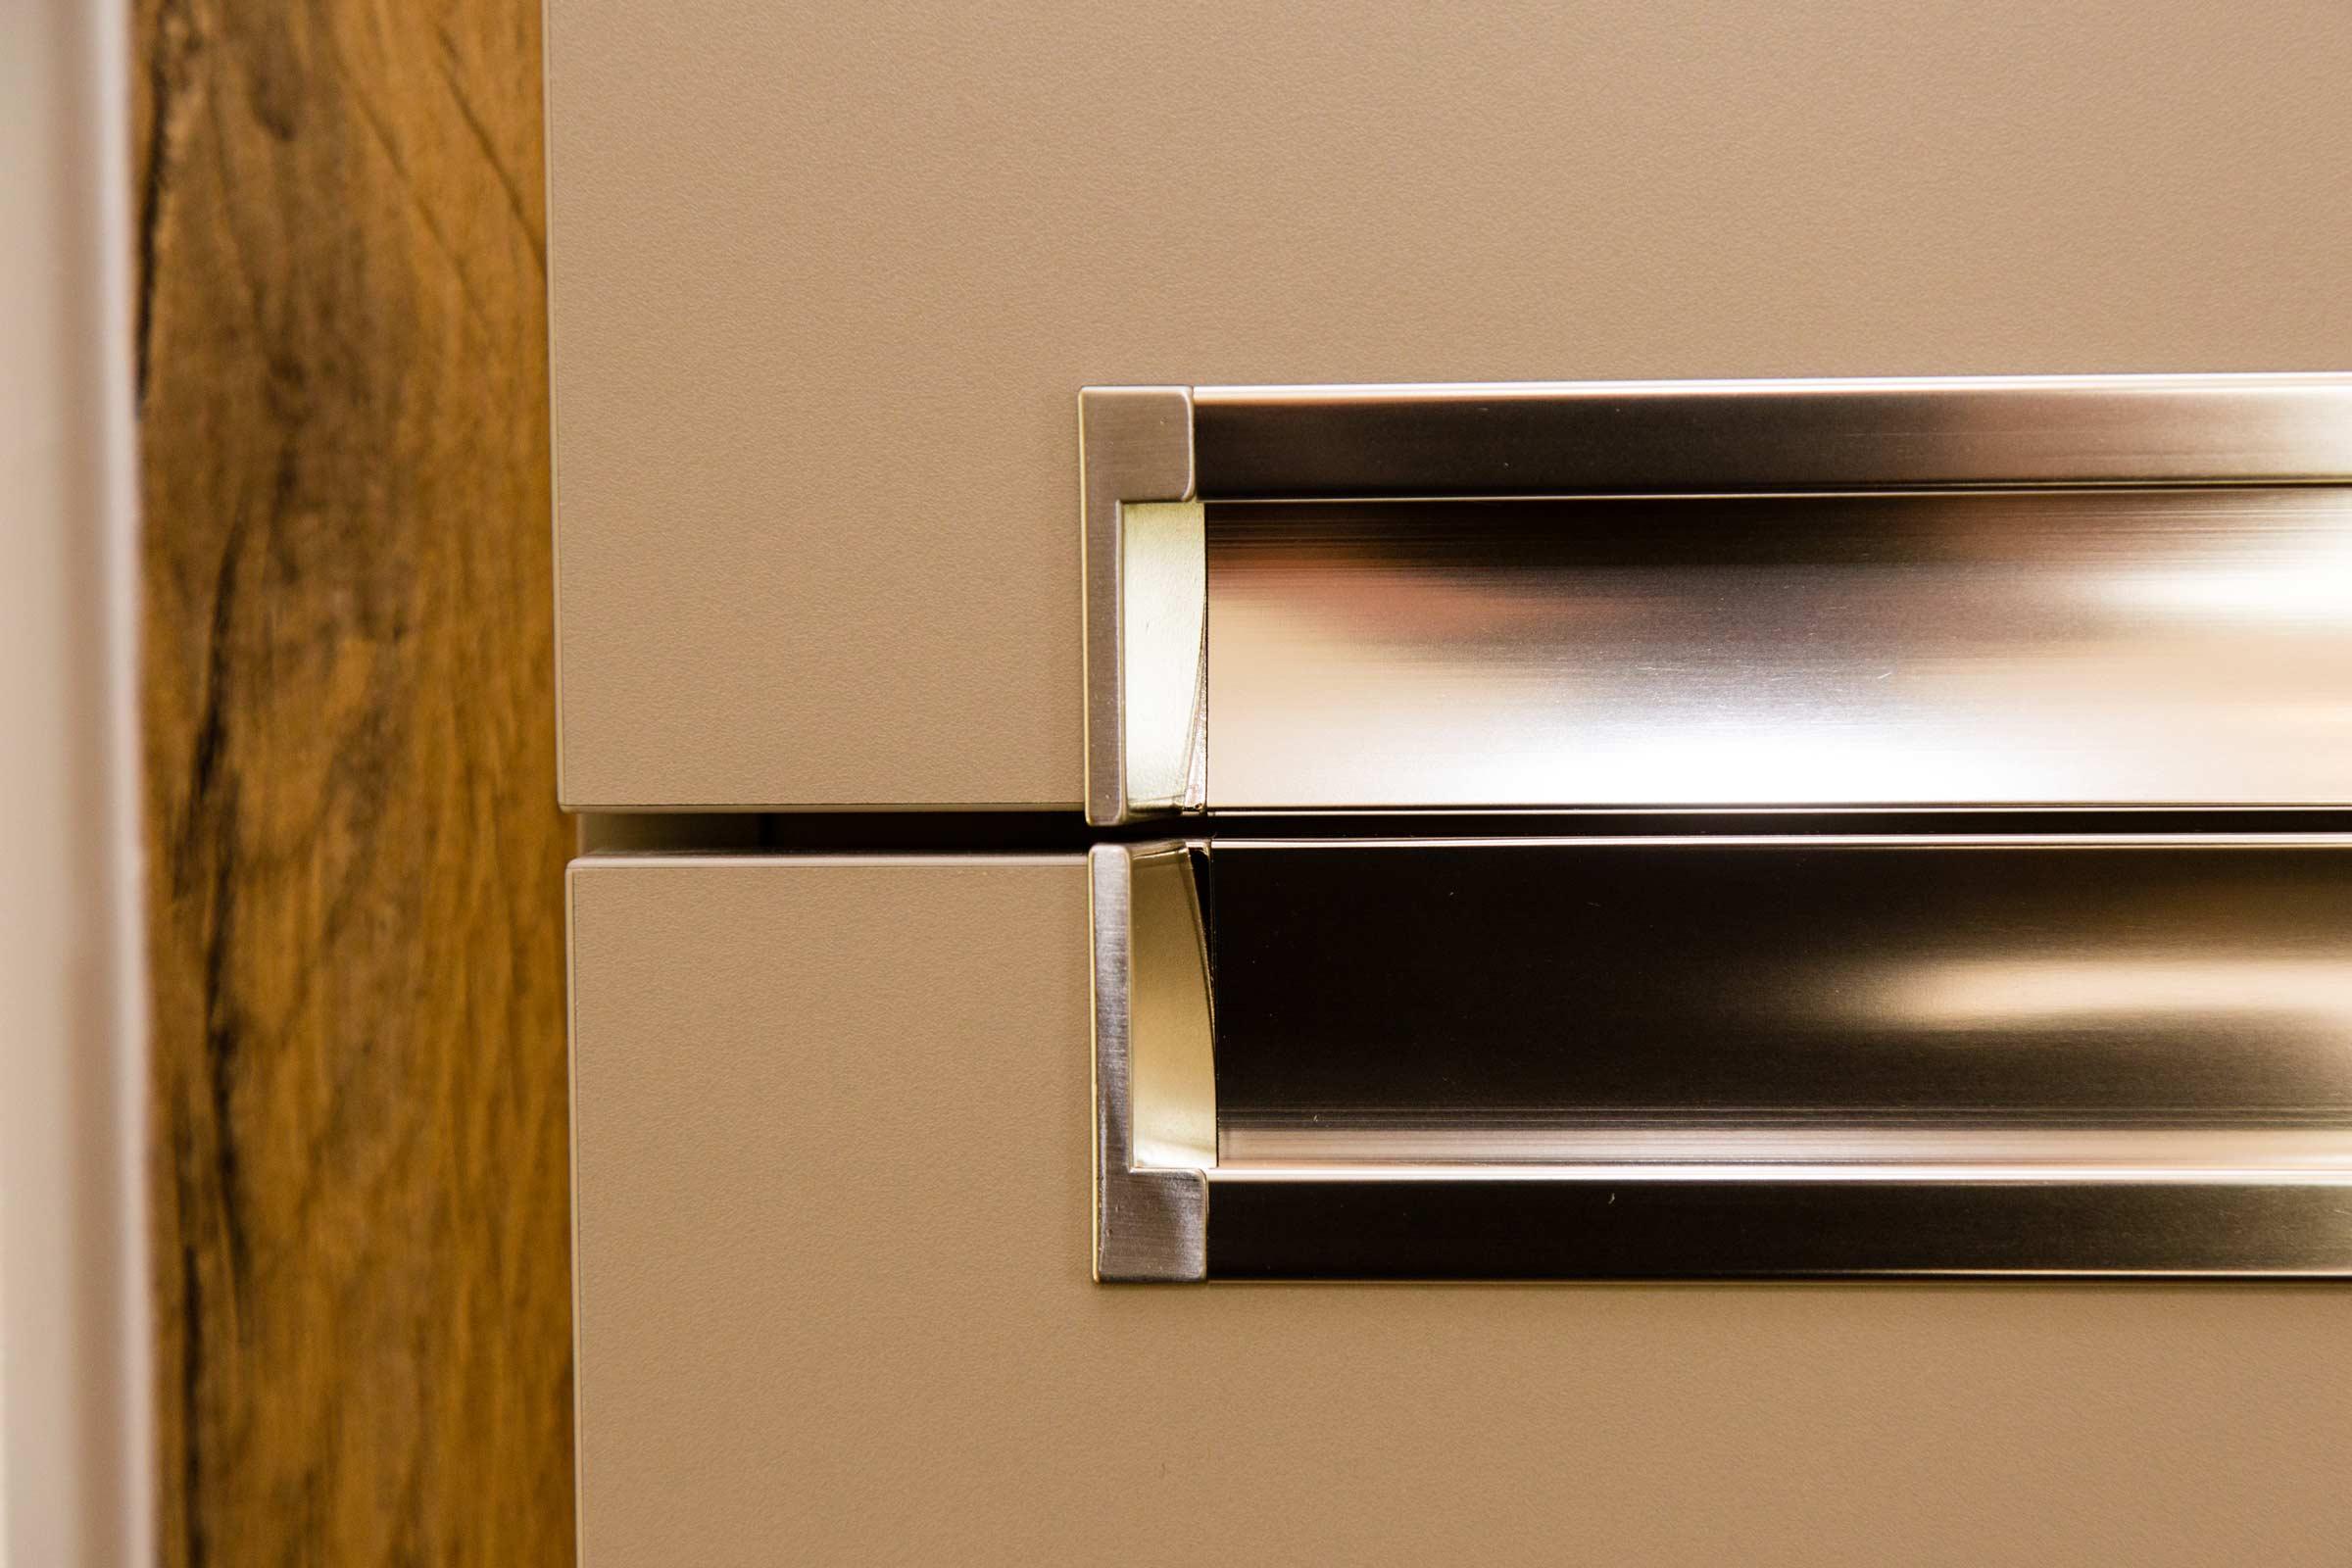 rangement-et-ergonomie-pour-cette-cuisine-intramuros-a-la-baule